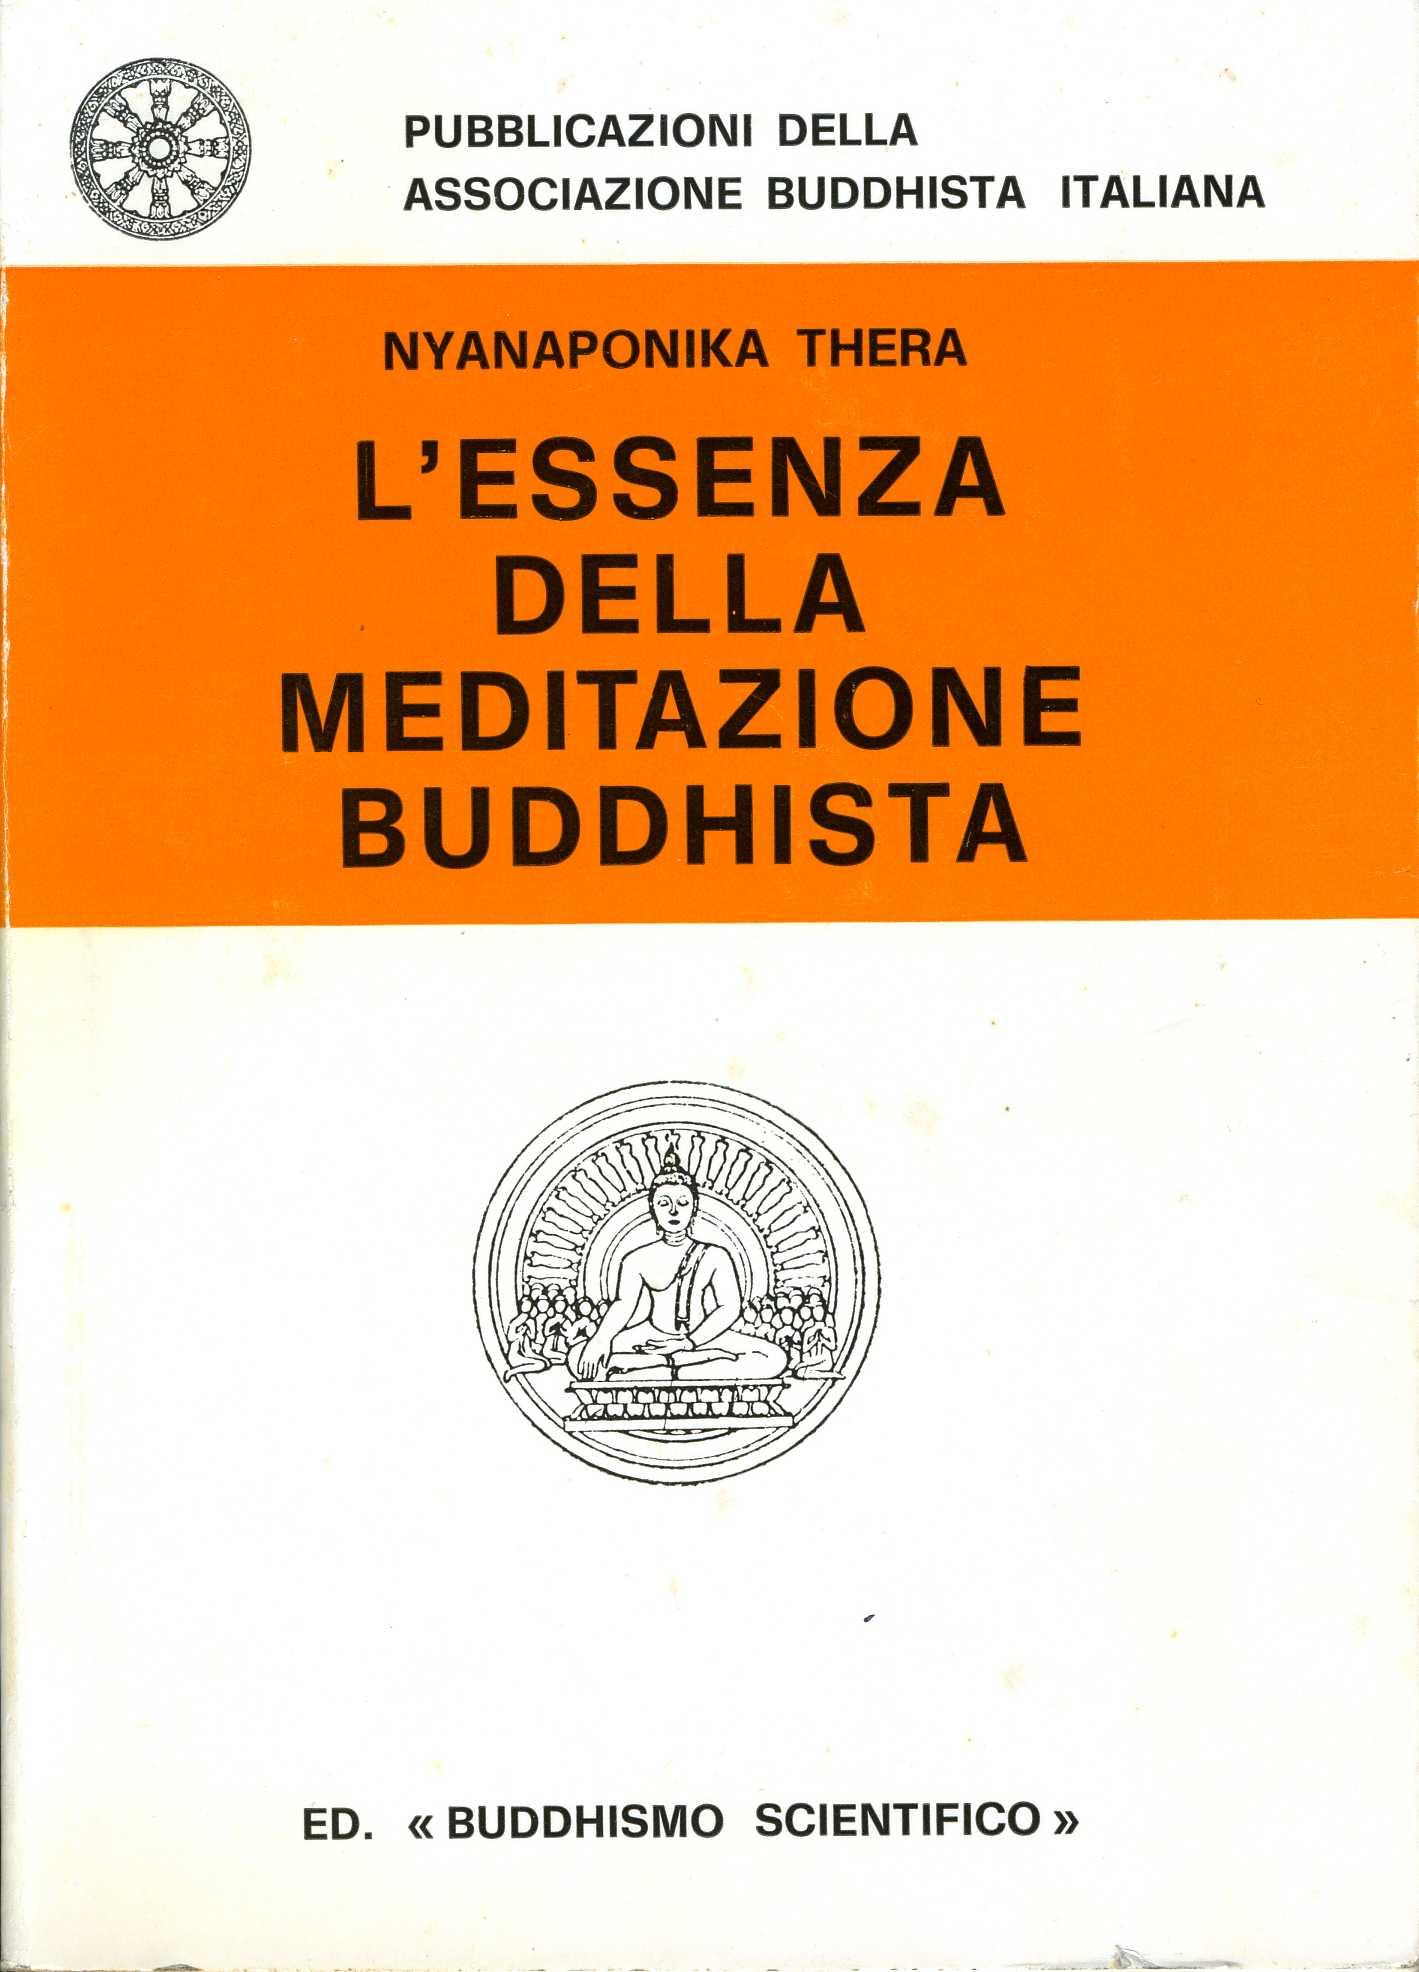 L'Essenza della Meditazione Buddhista